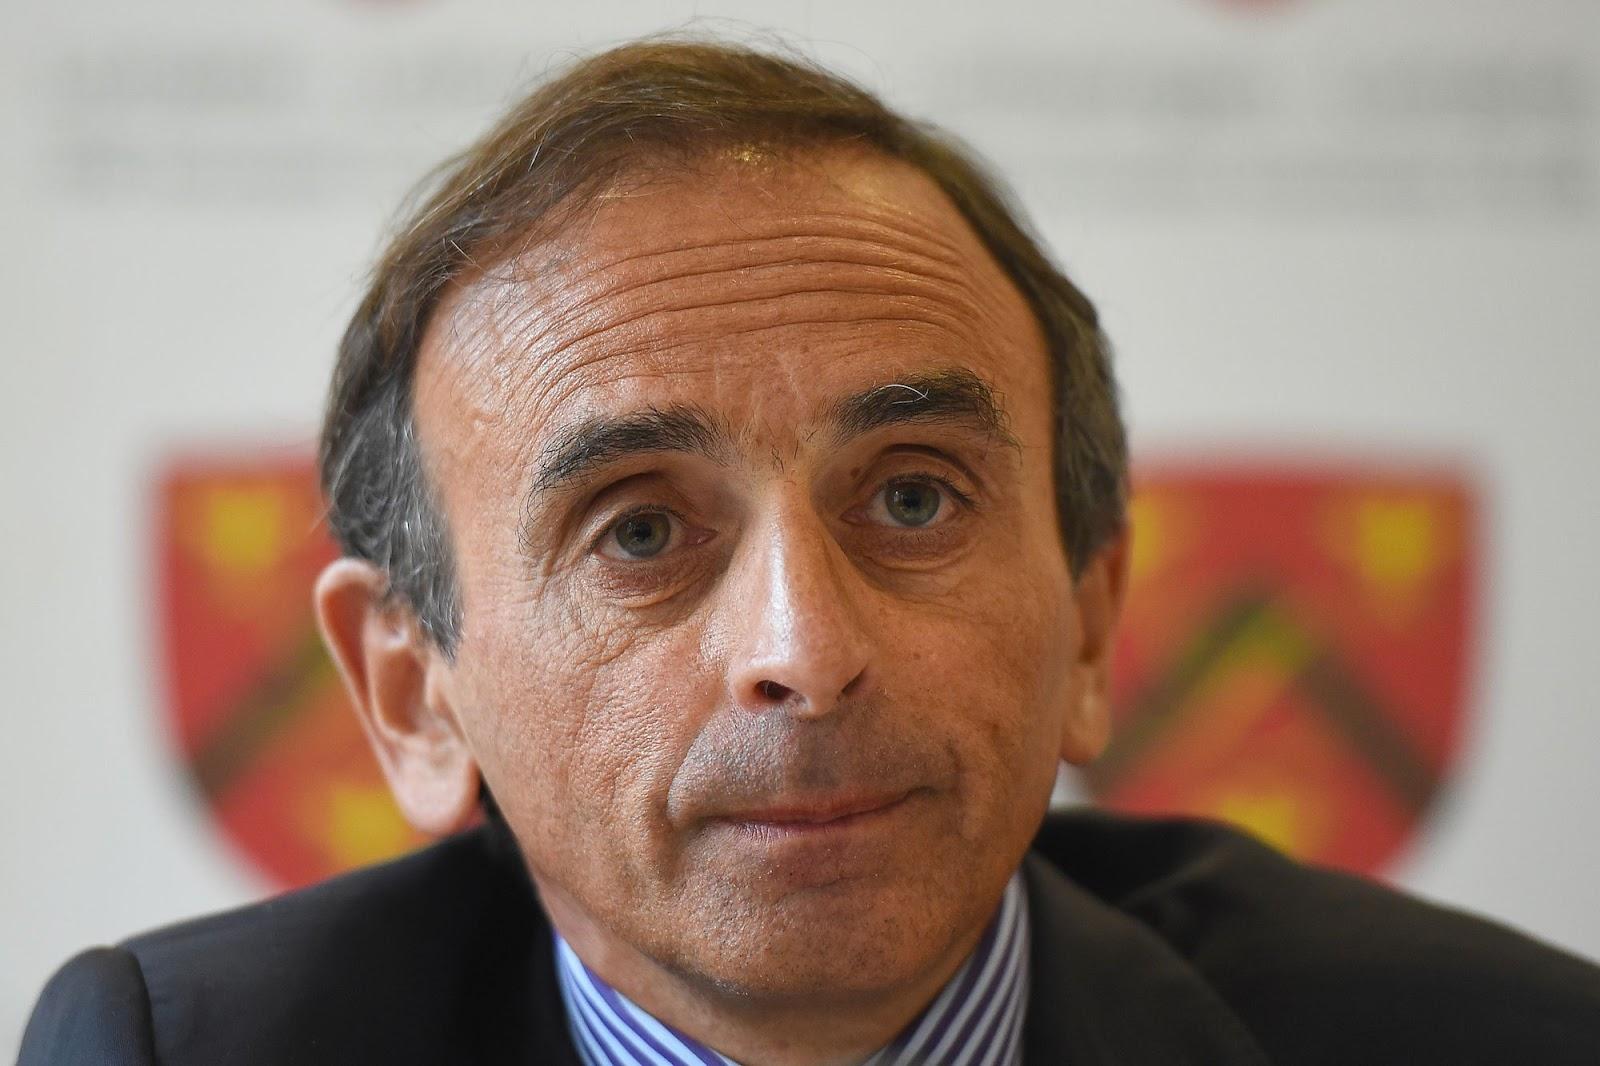 L'avocate Anaïs Boucher Naranin, défendant le CCIF et (ADDH) avoue avoir voulu «faire taire Éric Zemmour» lors de son procès